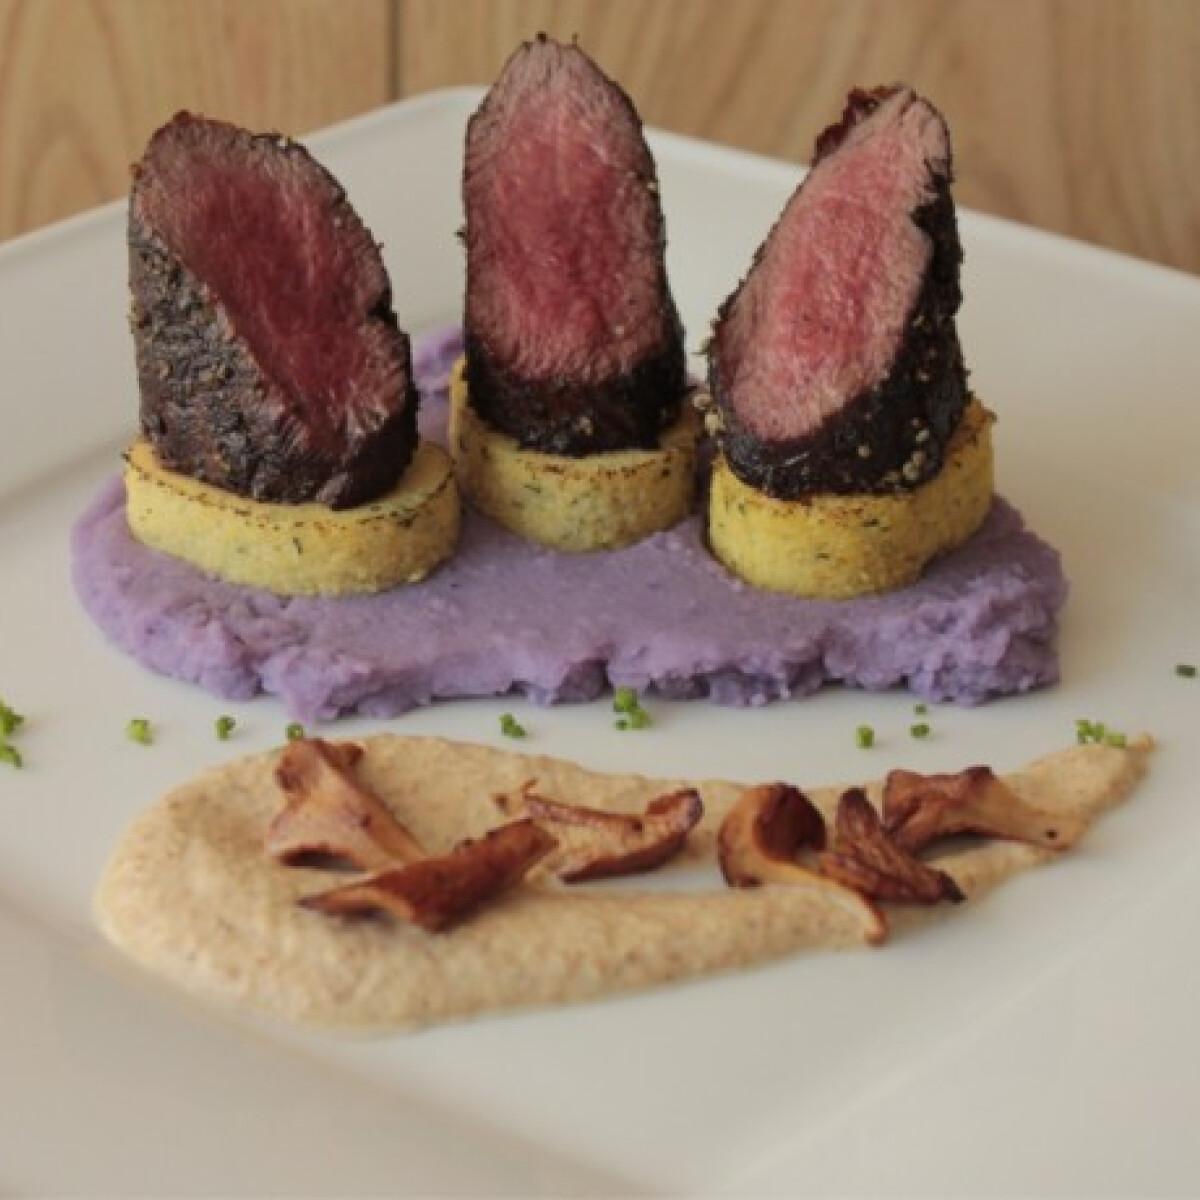 Vörösborban érlelt, zöldborsos őzgerincfilé csomboros polentával